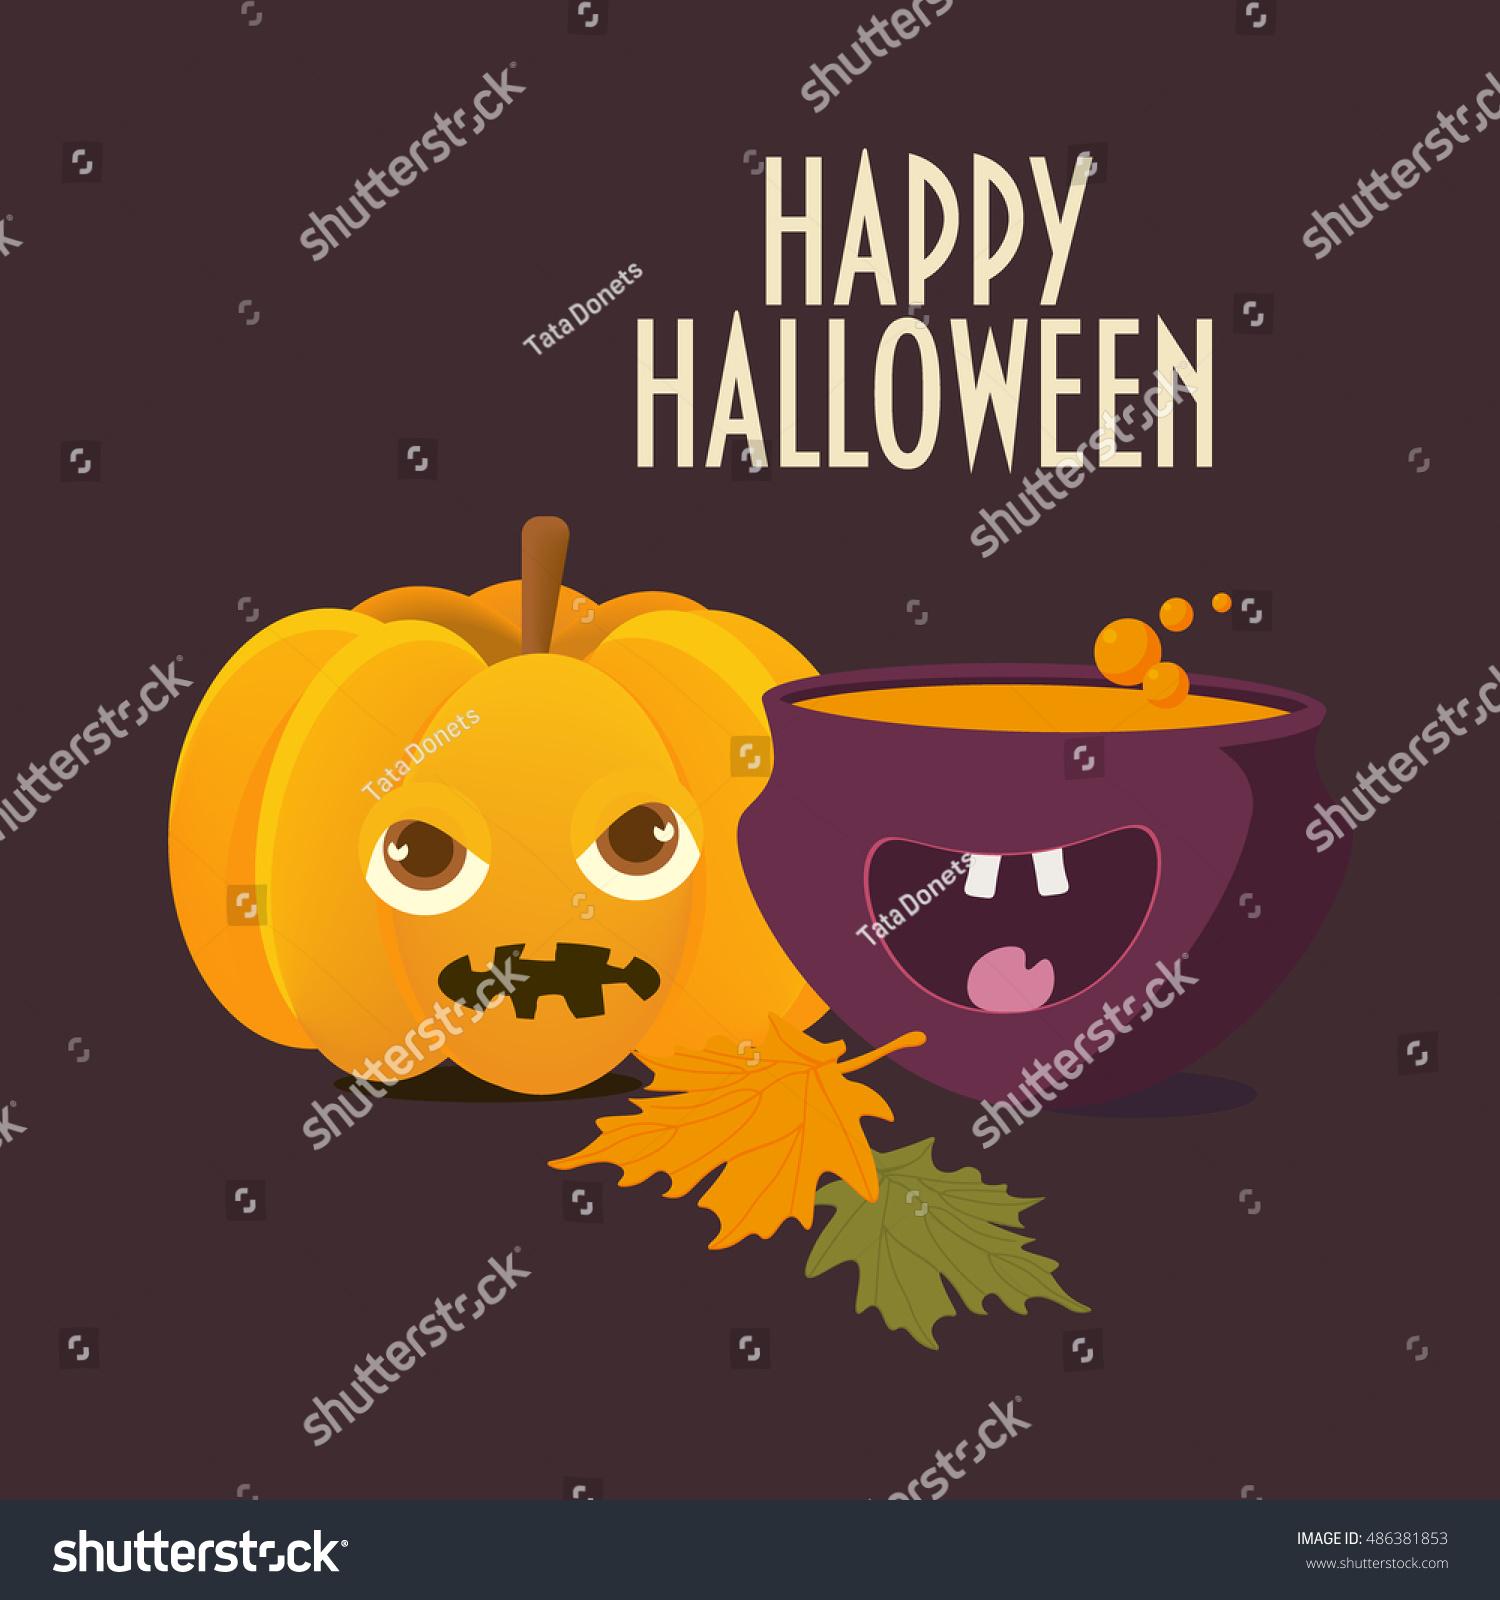 Halloween Card Spooky Pumpkin Happy Witch Stock Vector